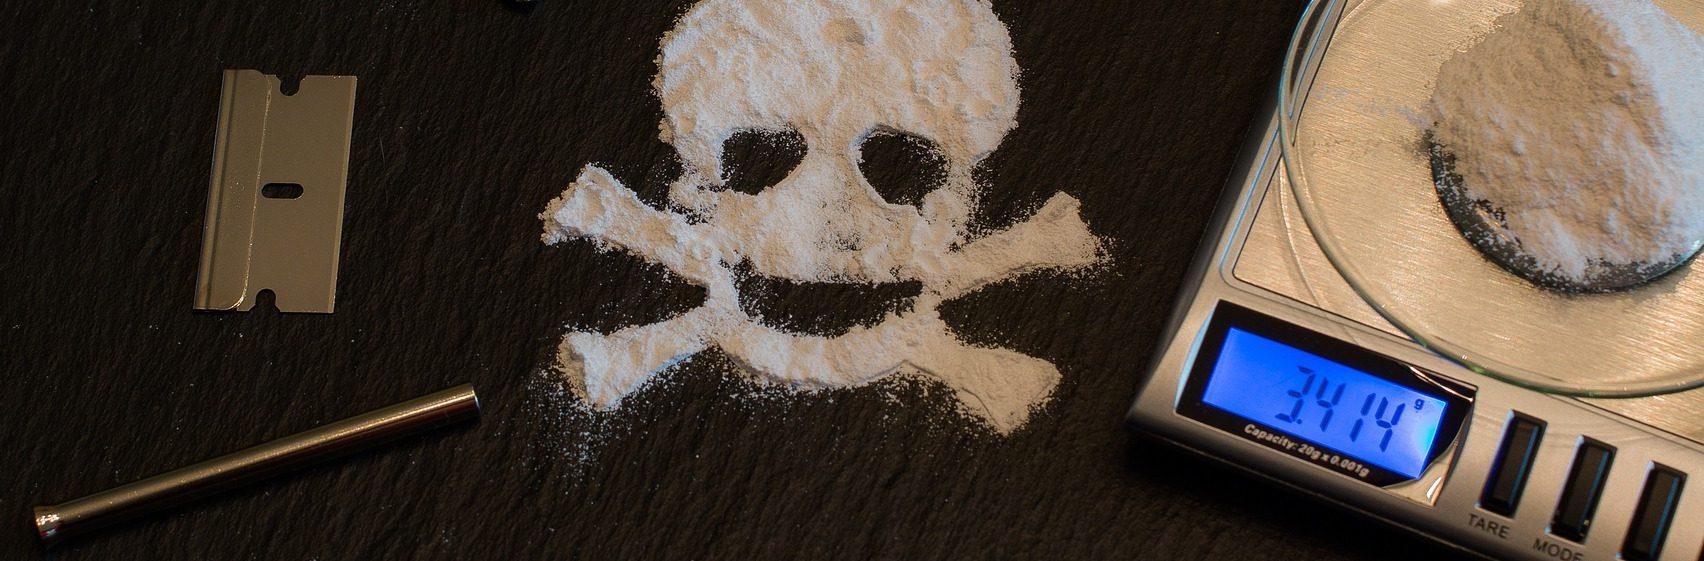 czy dziecko bierze narkotyki